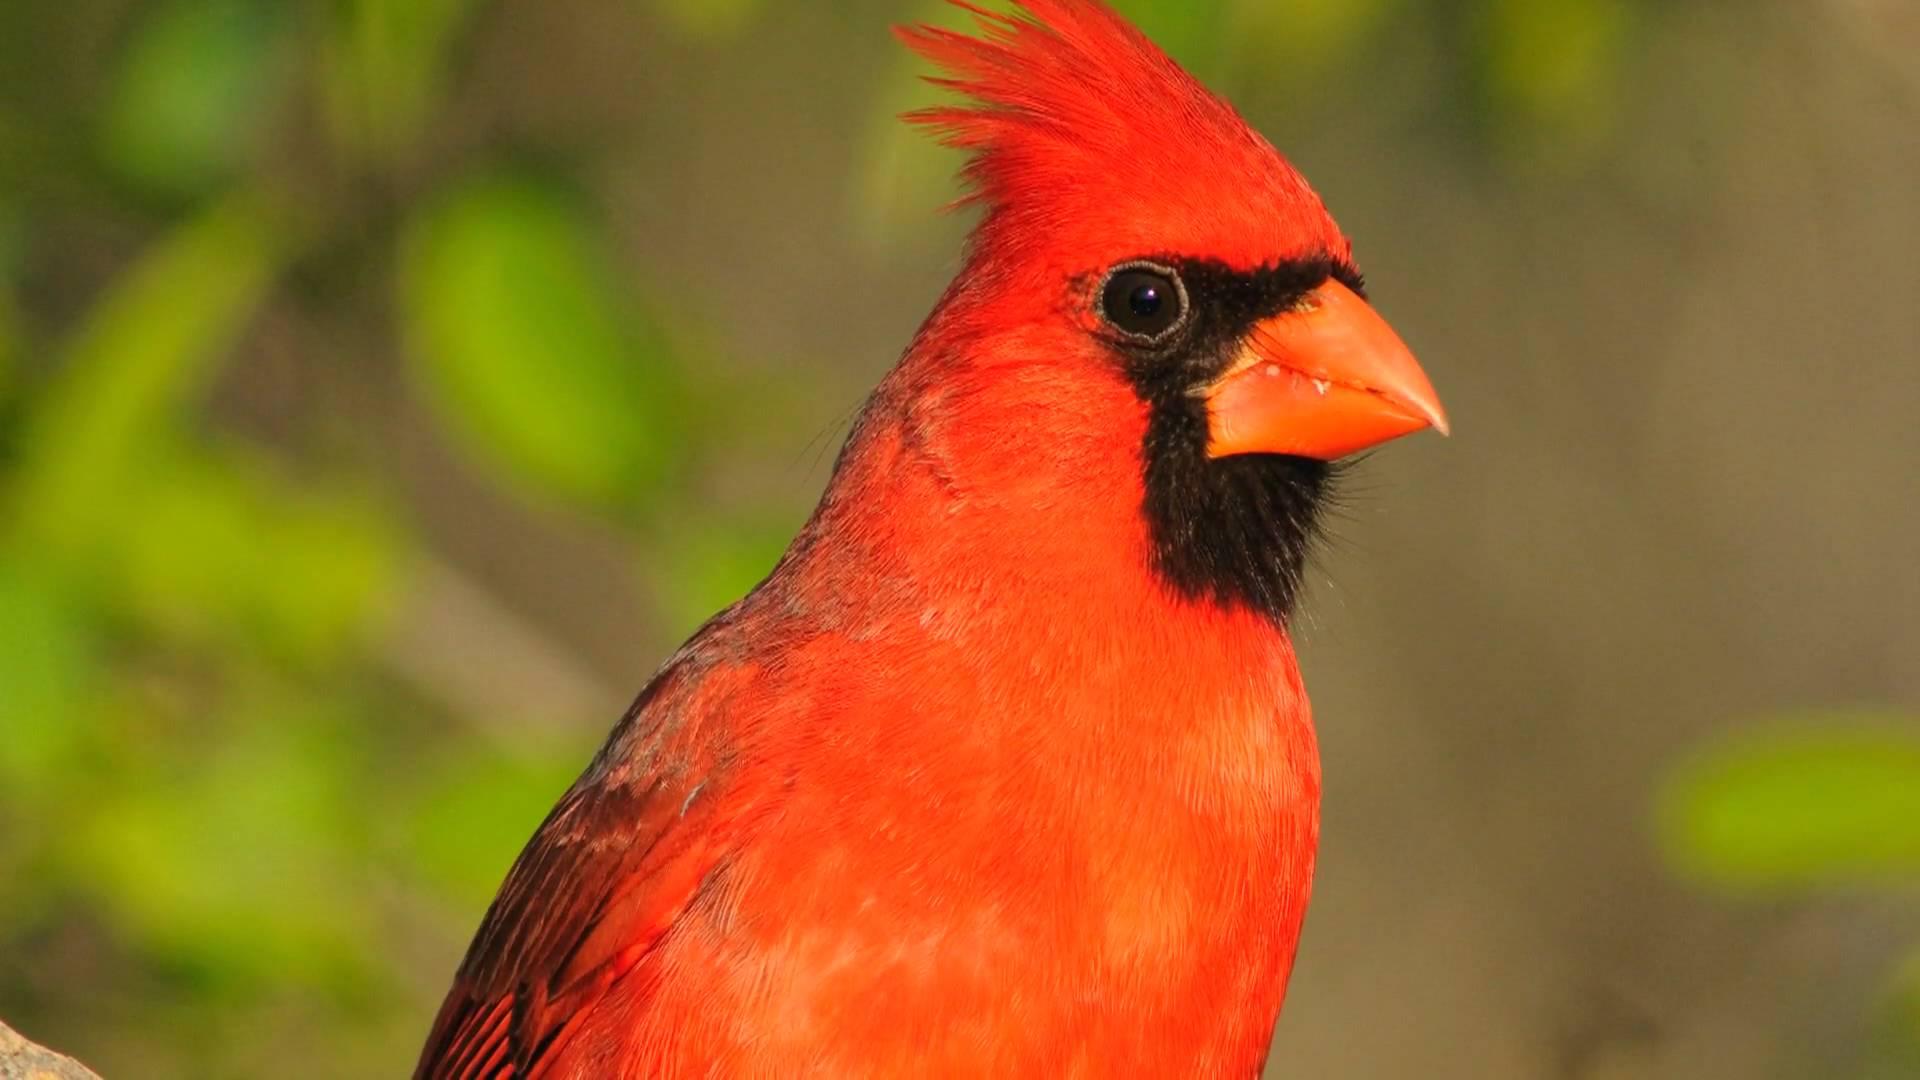 صور ومعلومات عن طائر الكاردينال Cardinal